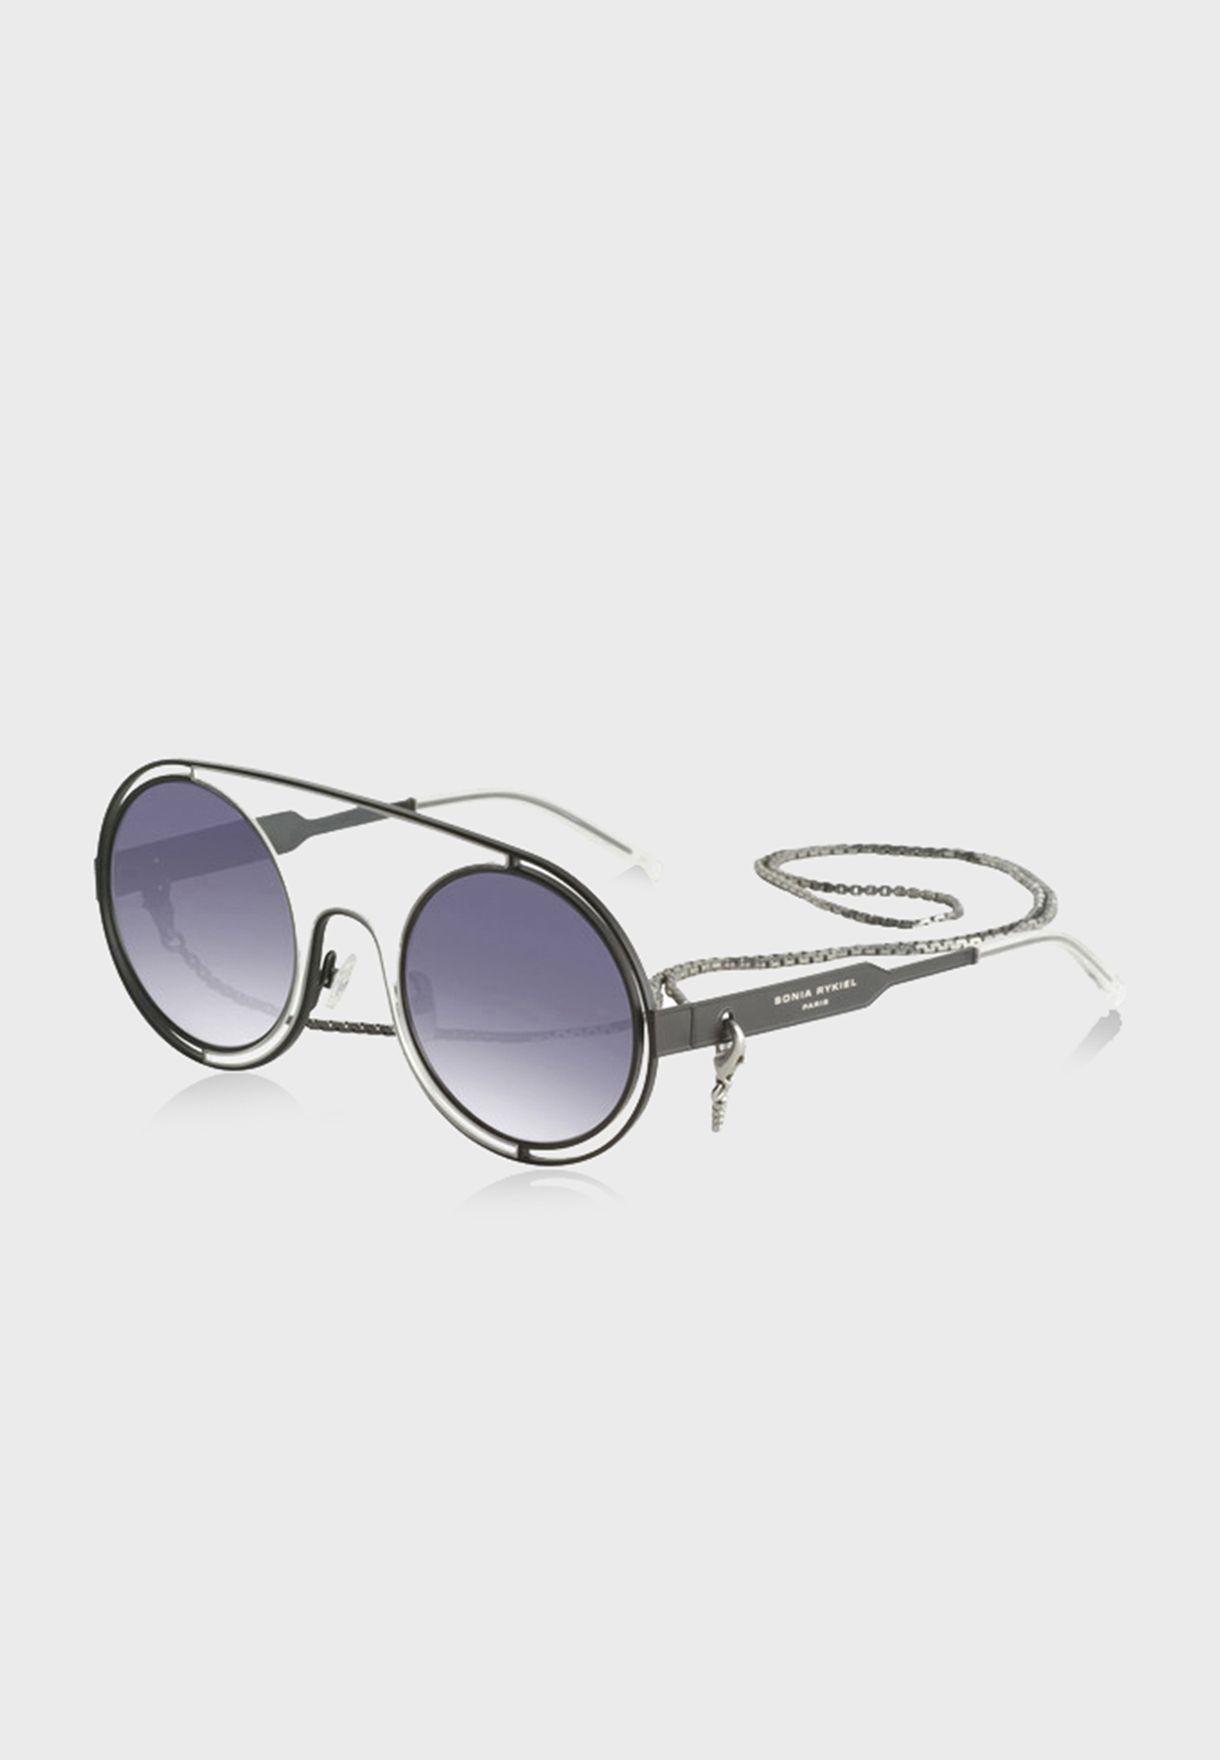 L SR778603 Round Sunglasses